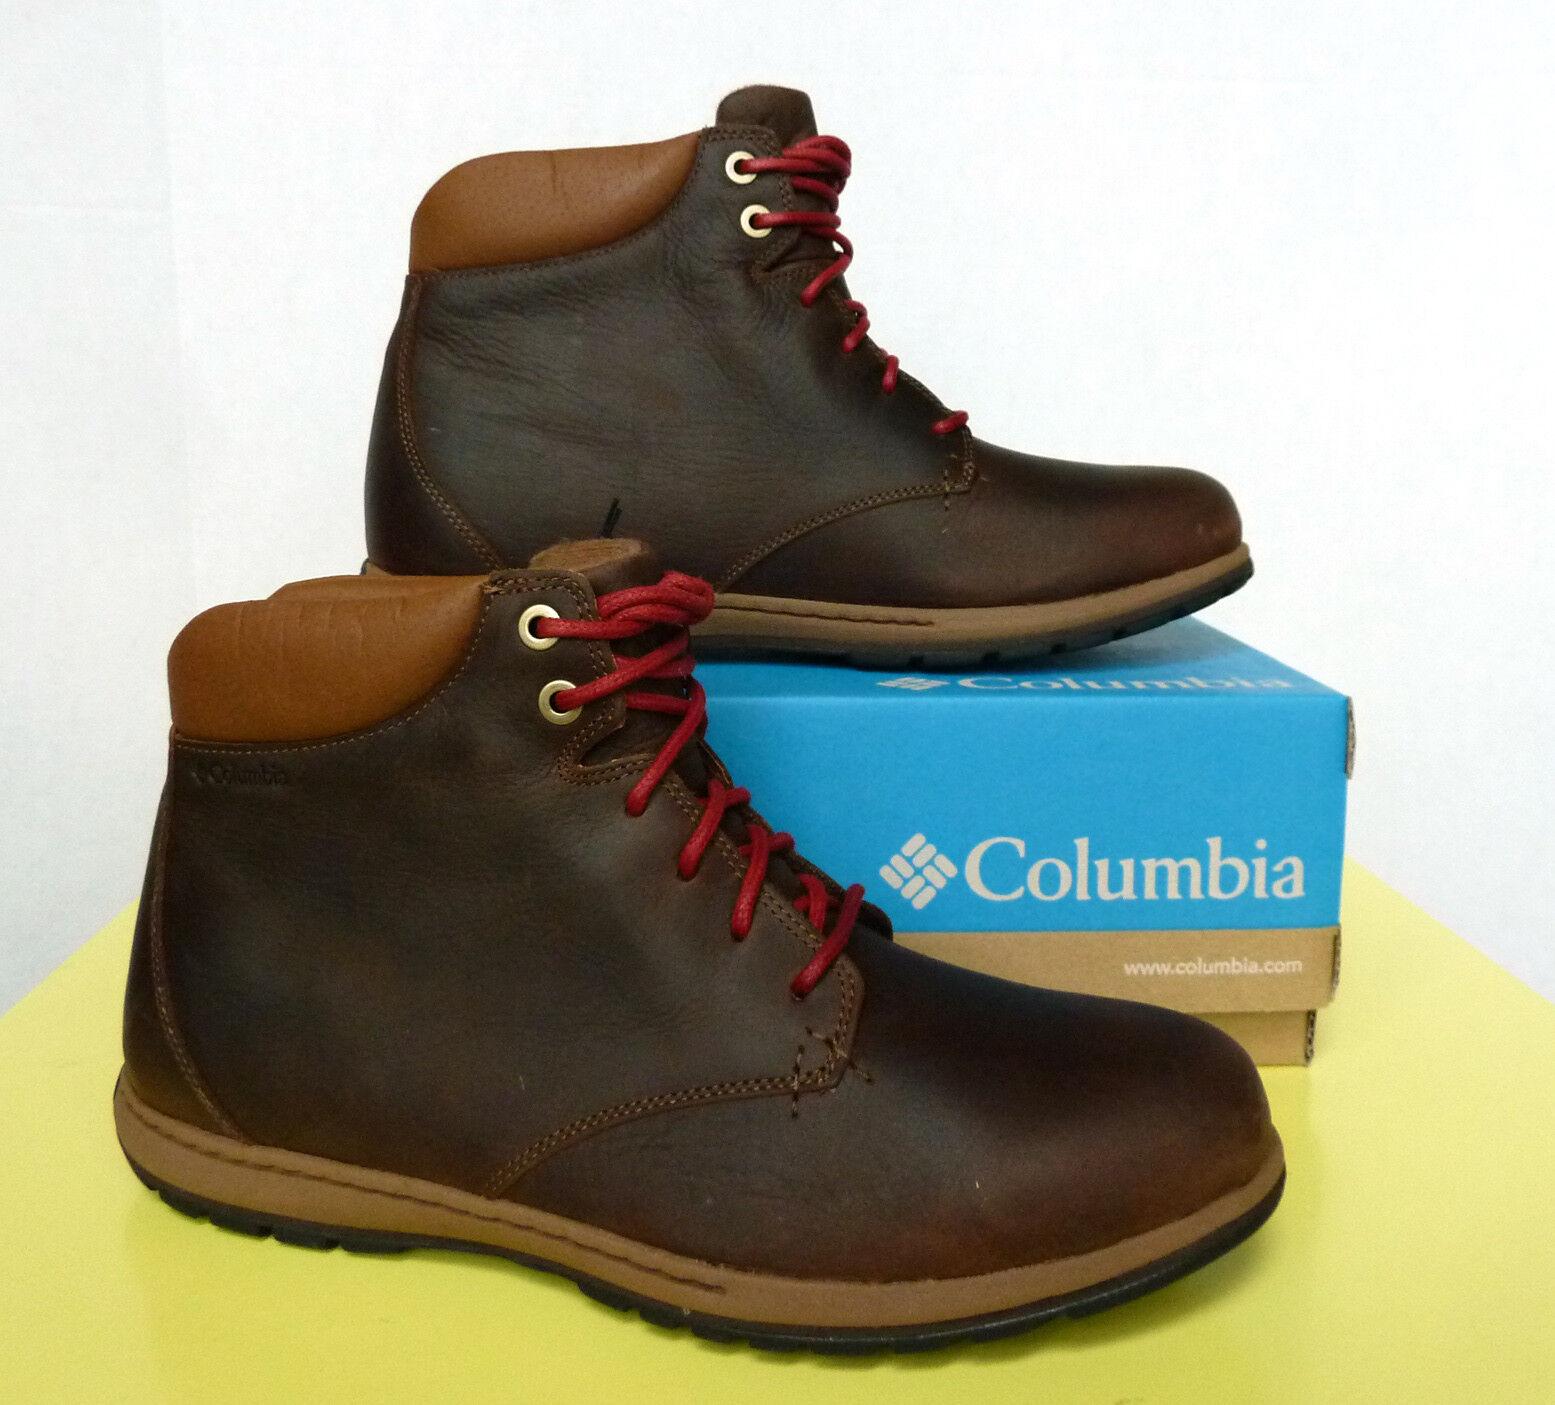 Nuevo Hombre Columbia Davenport XTM Botas Impermeable De Cuero Impermeable Botas MSRP 130 42eac5